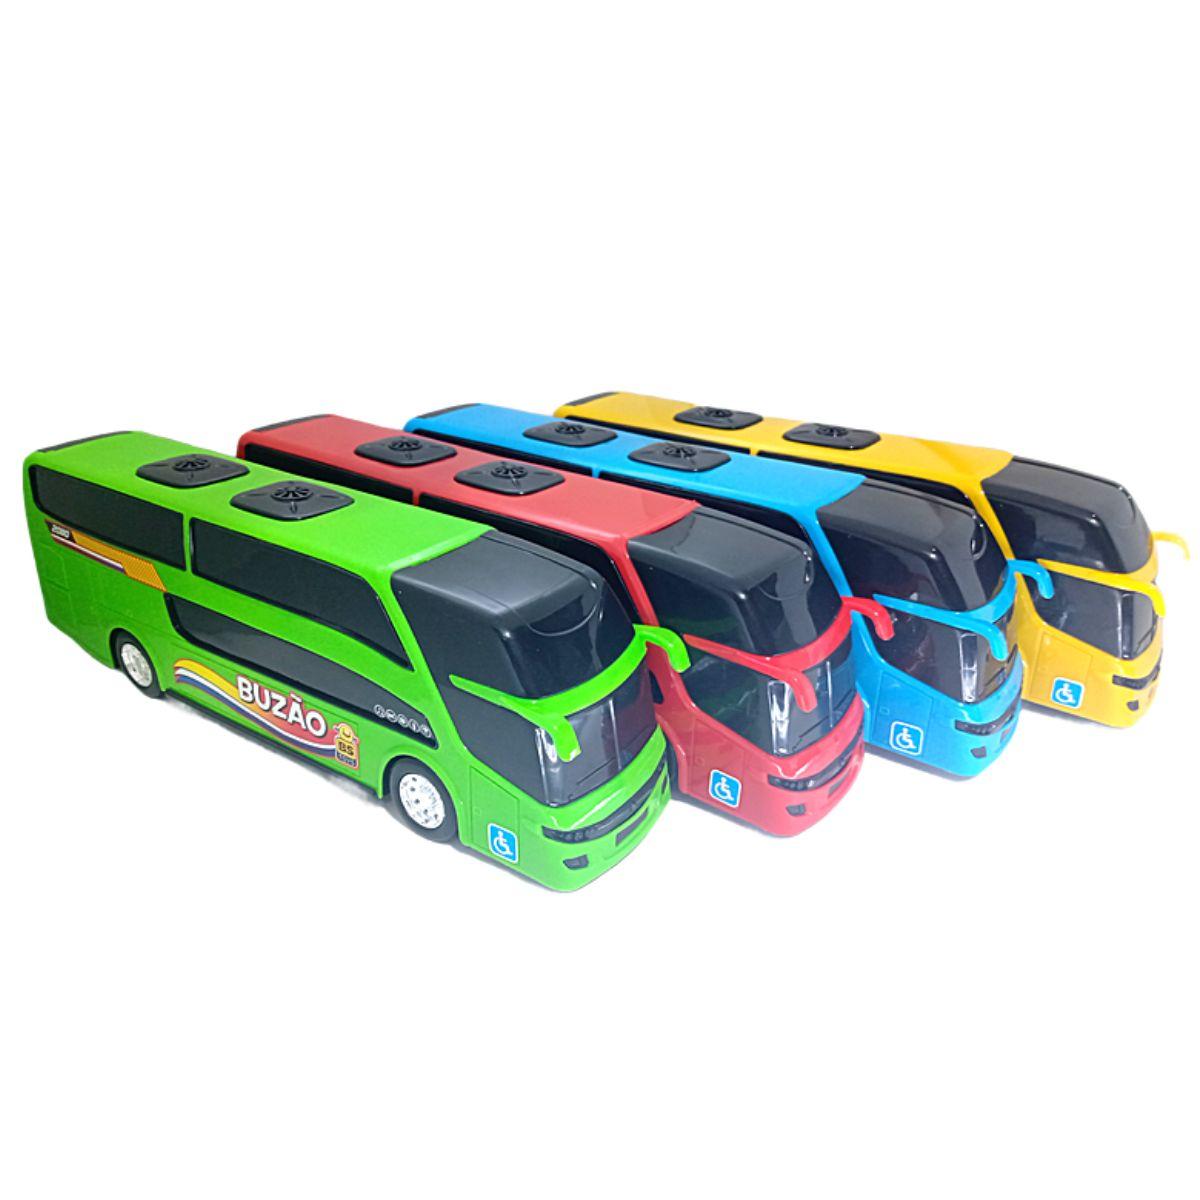 Ônibus de Brinquedo Buzão Super Divertido C/ 4 cores